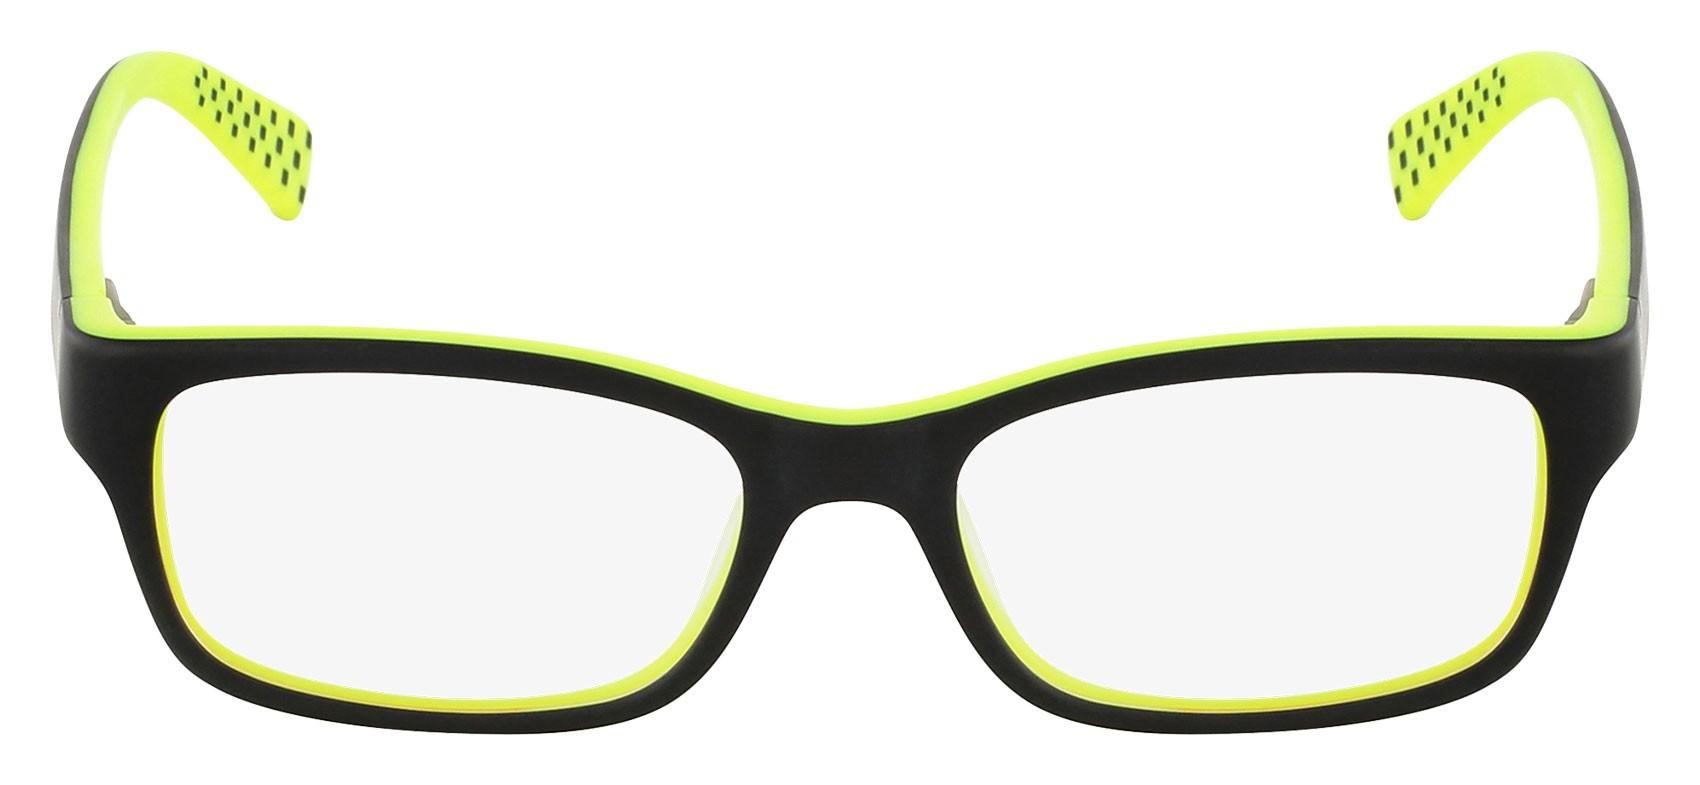 ... Armação Nike Junior Preto Neon Amarelo d73425a7aa